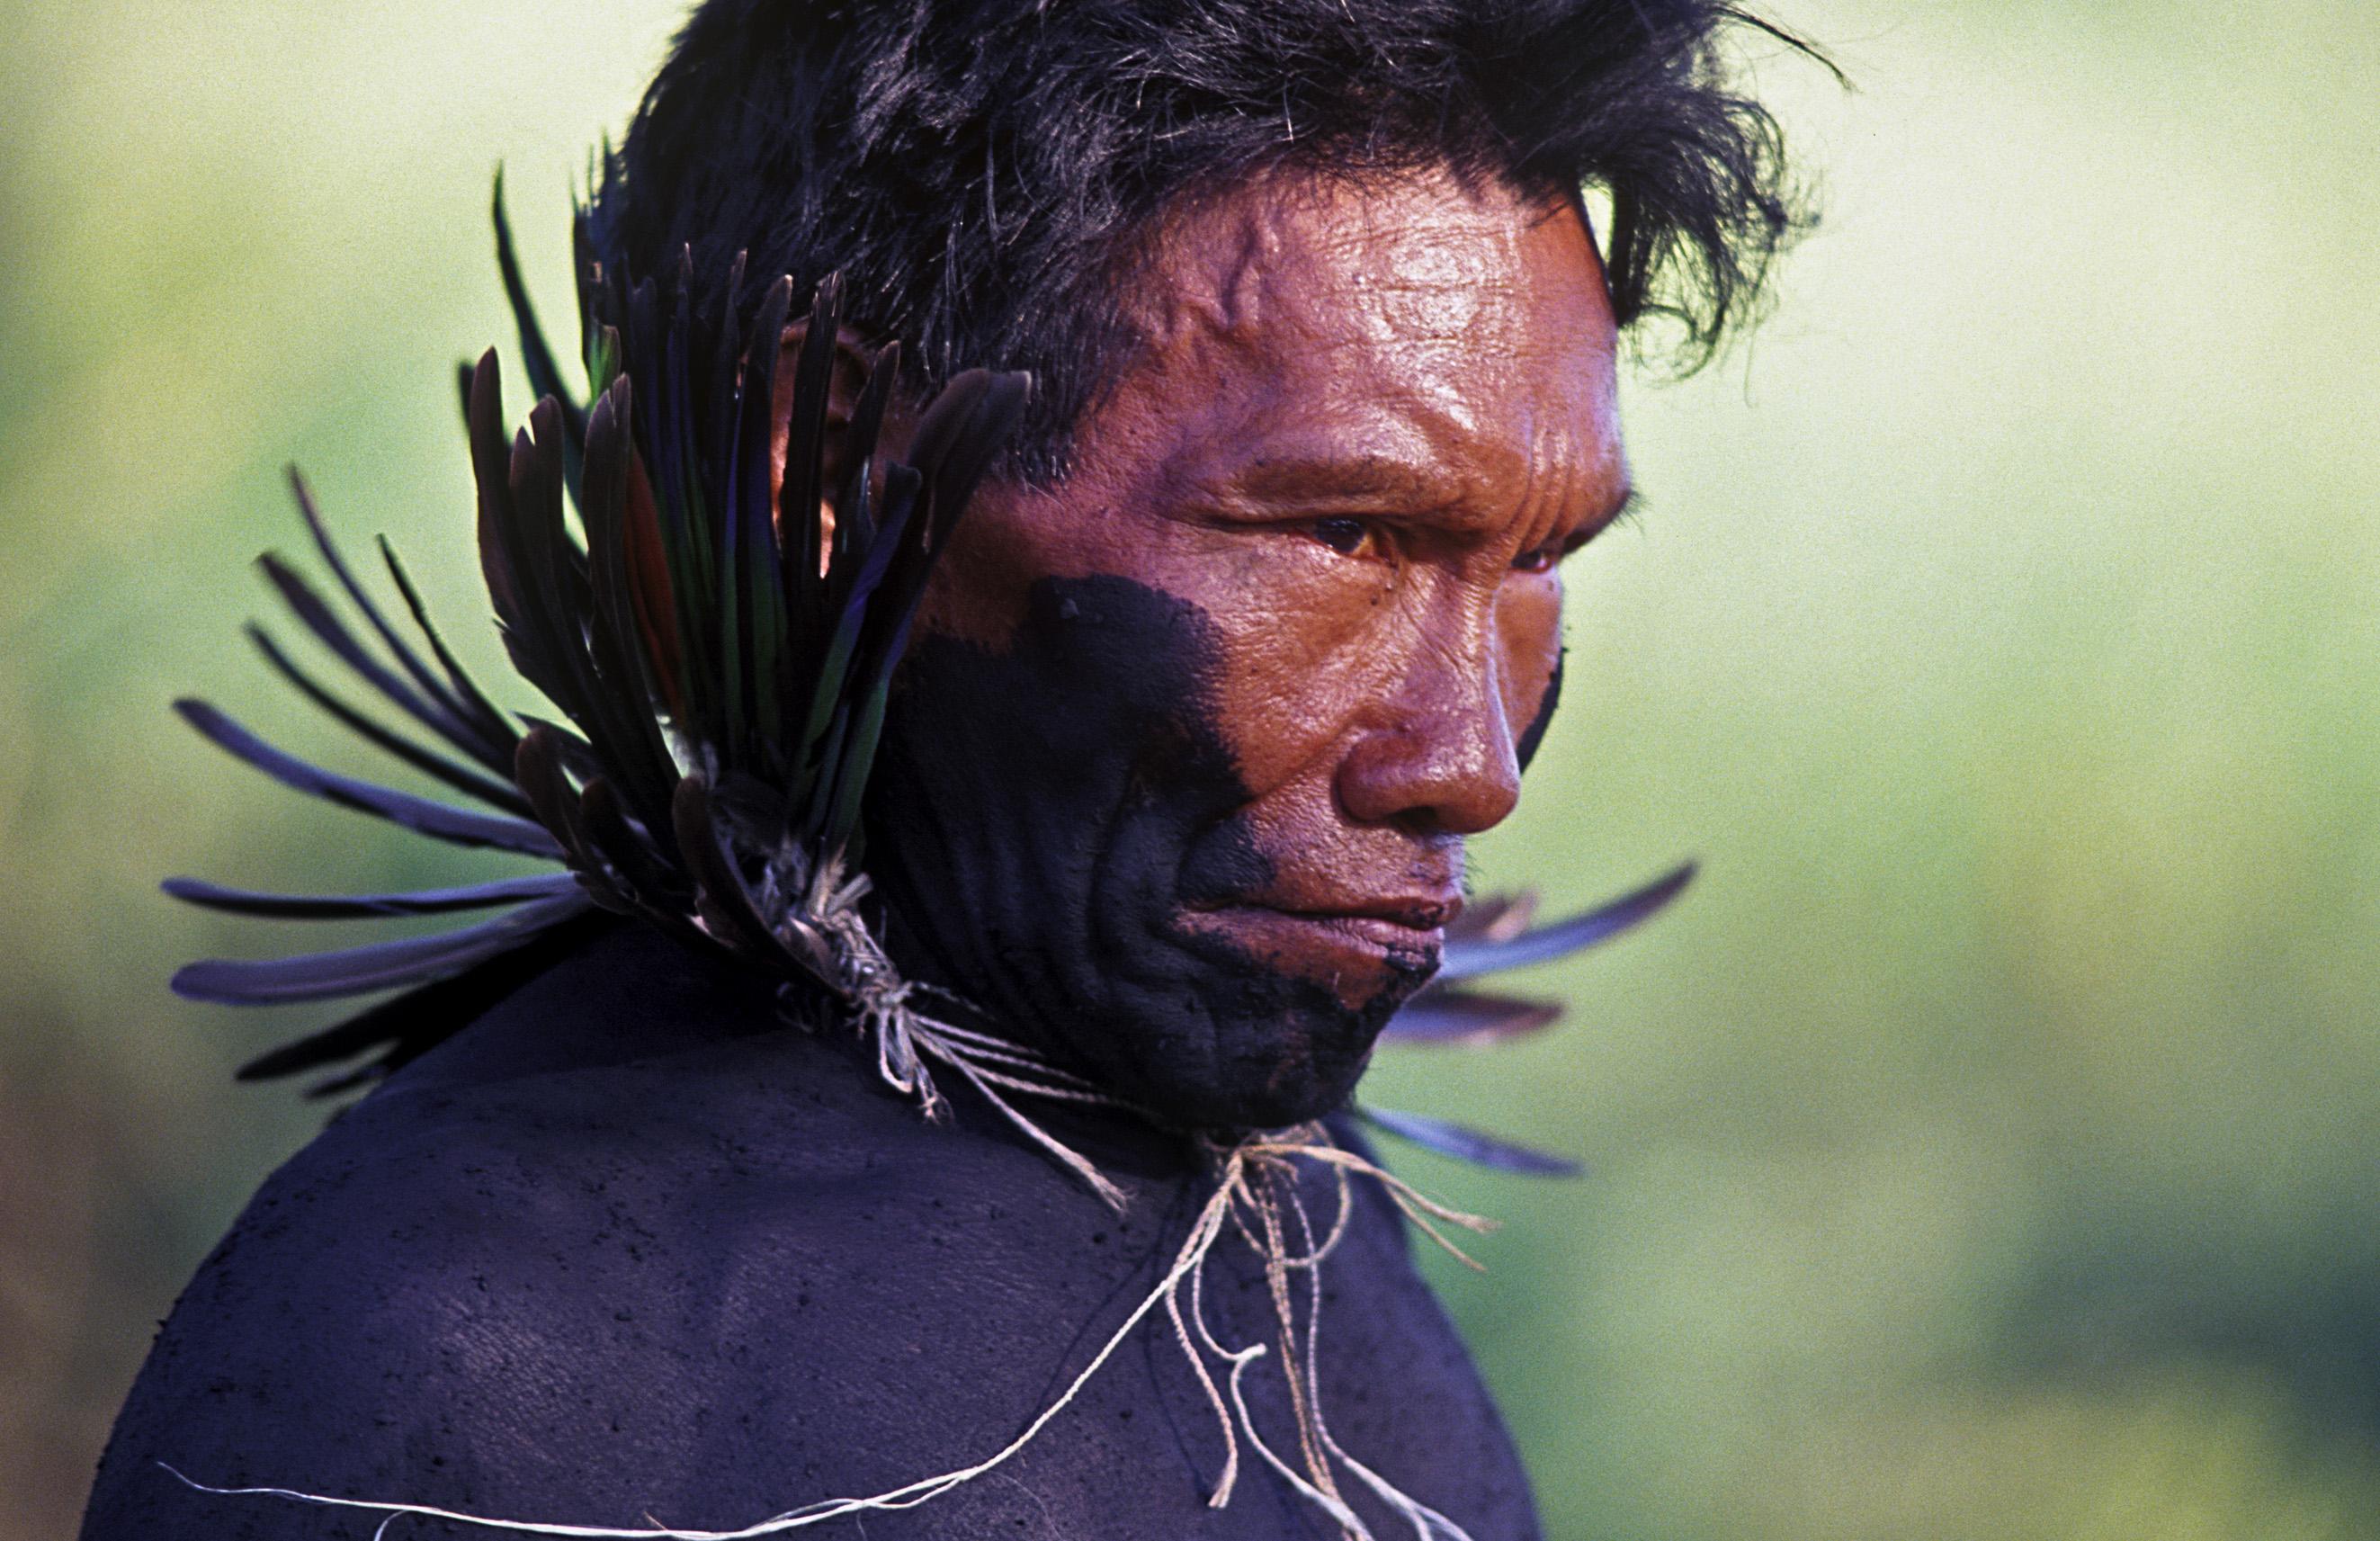 <p>Ayoreo man in the Paraguayan Chaco. Flickr/Fotografías Nuevas</p>